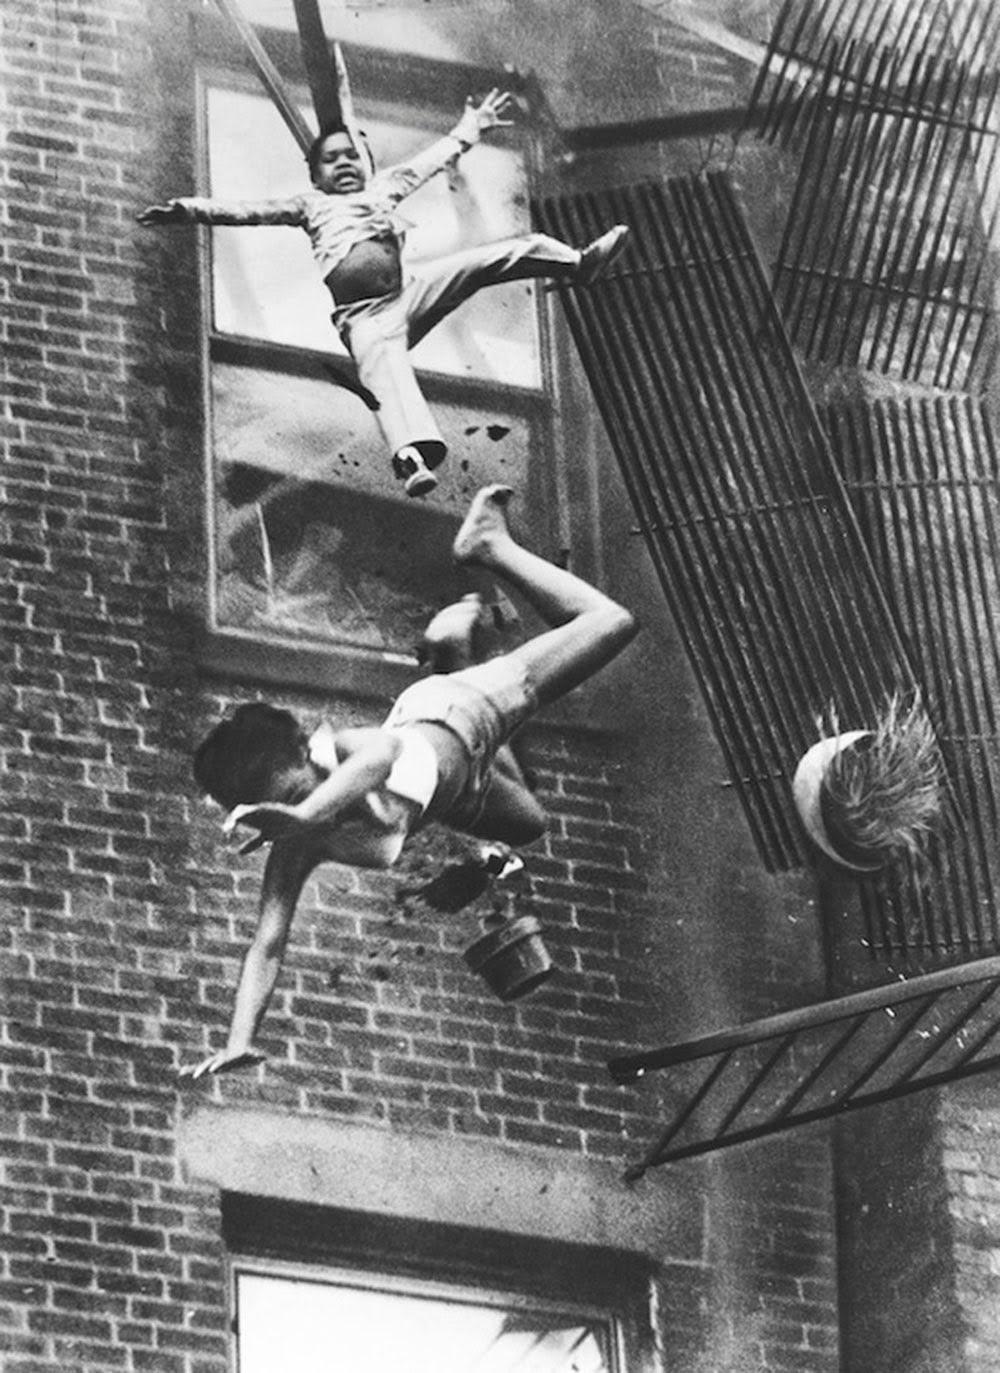 Fire escape collapse,  1975